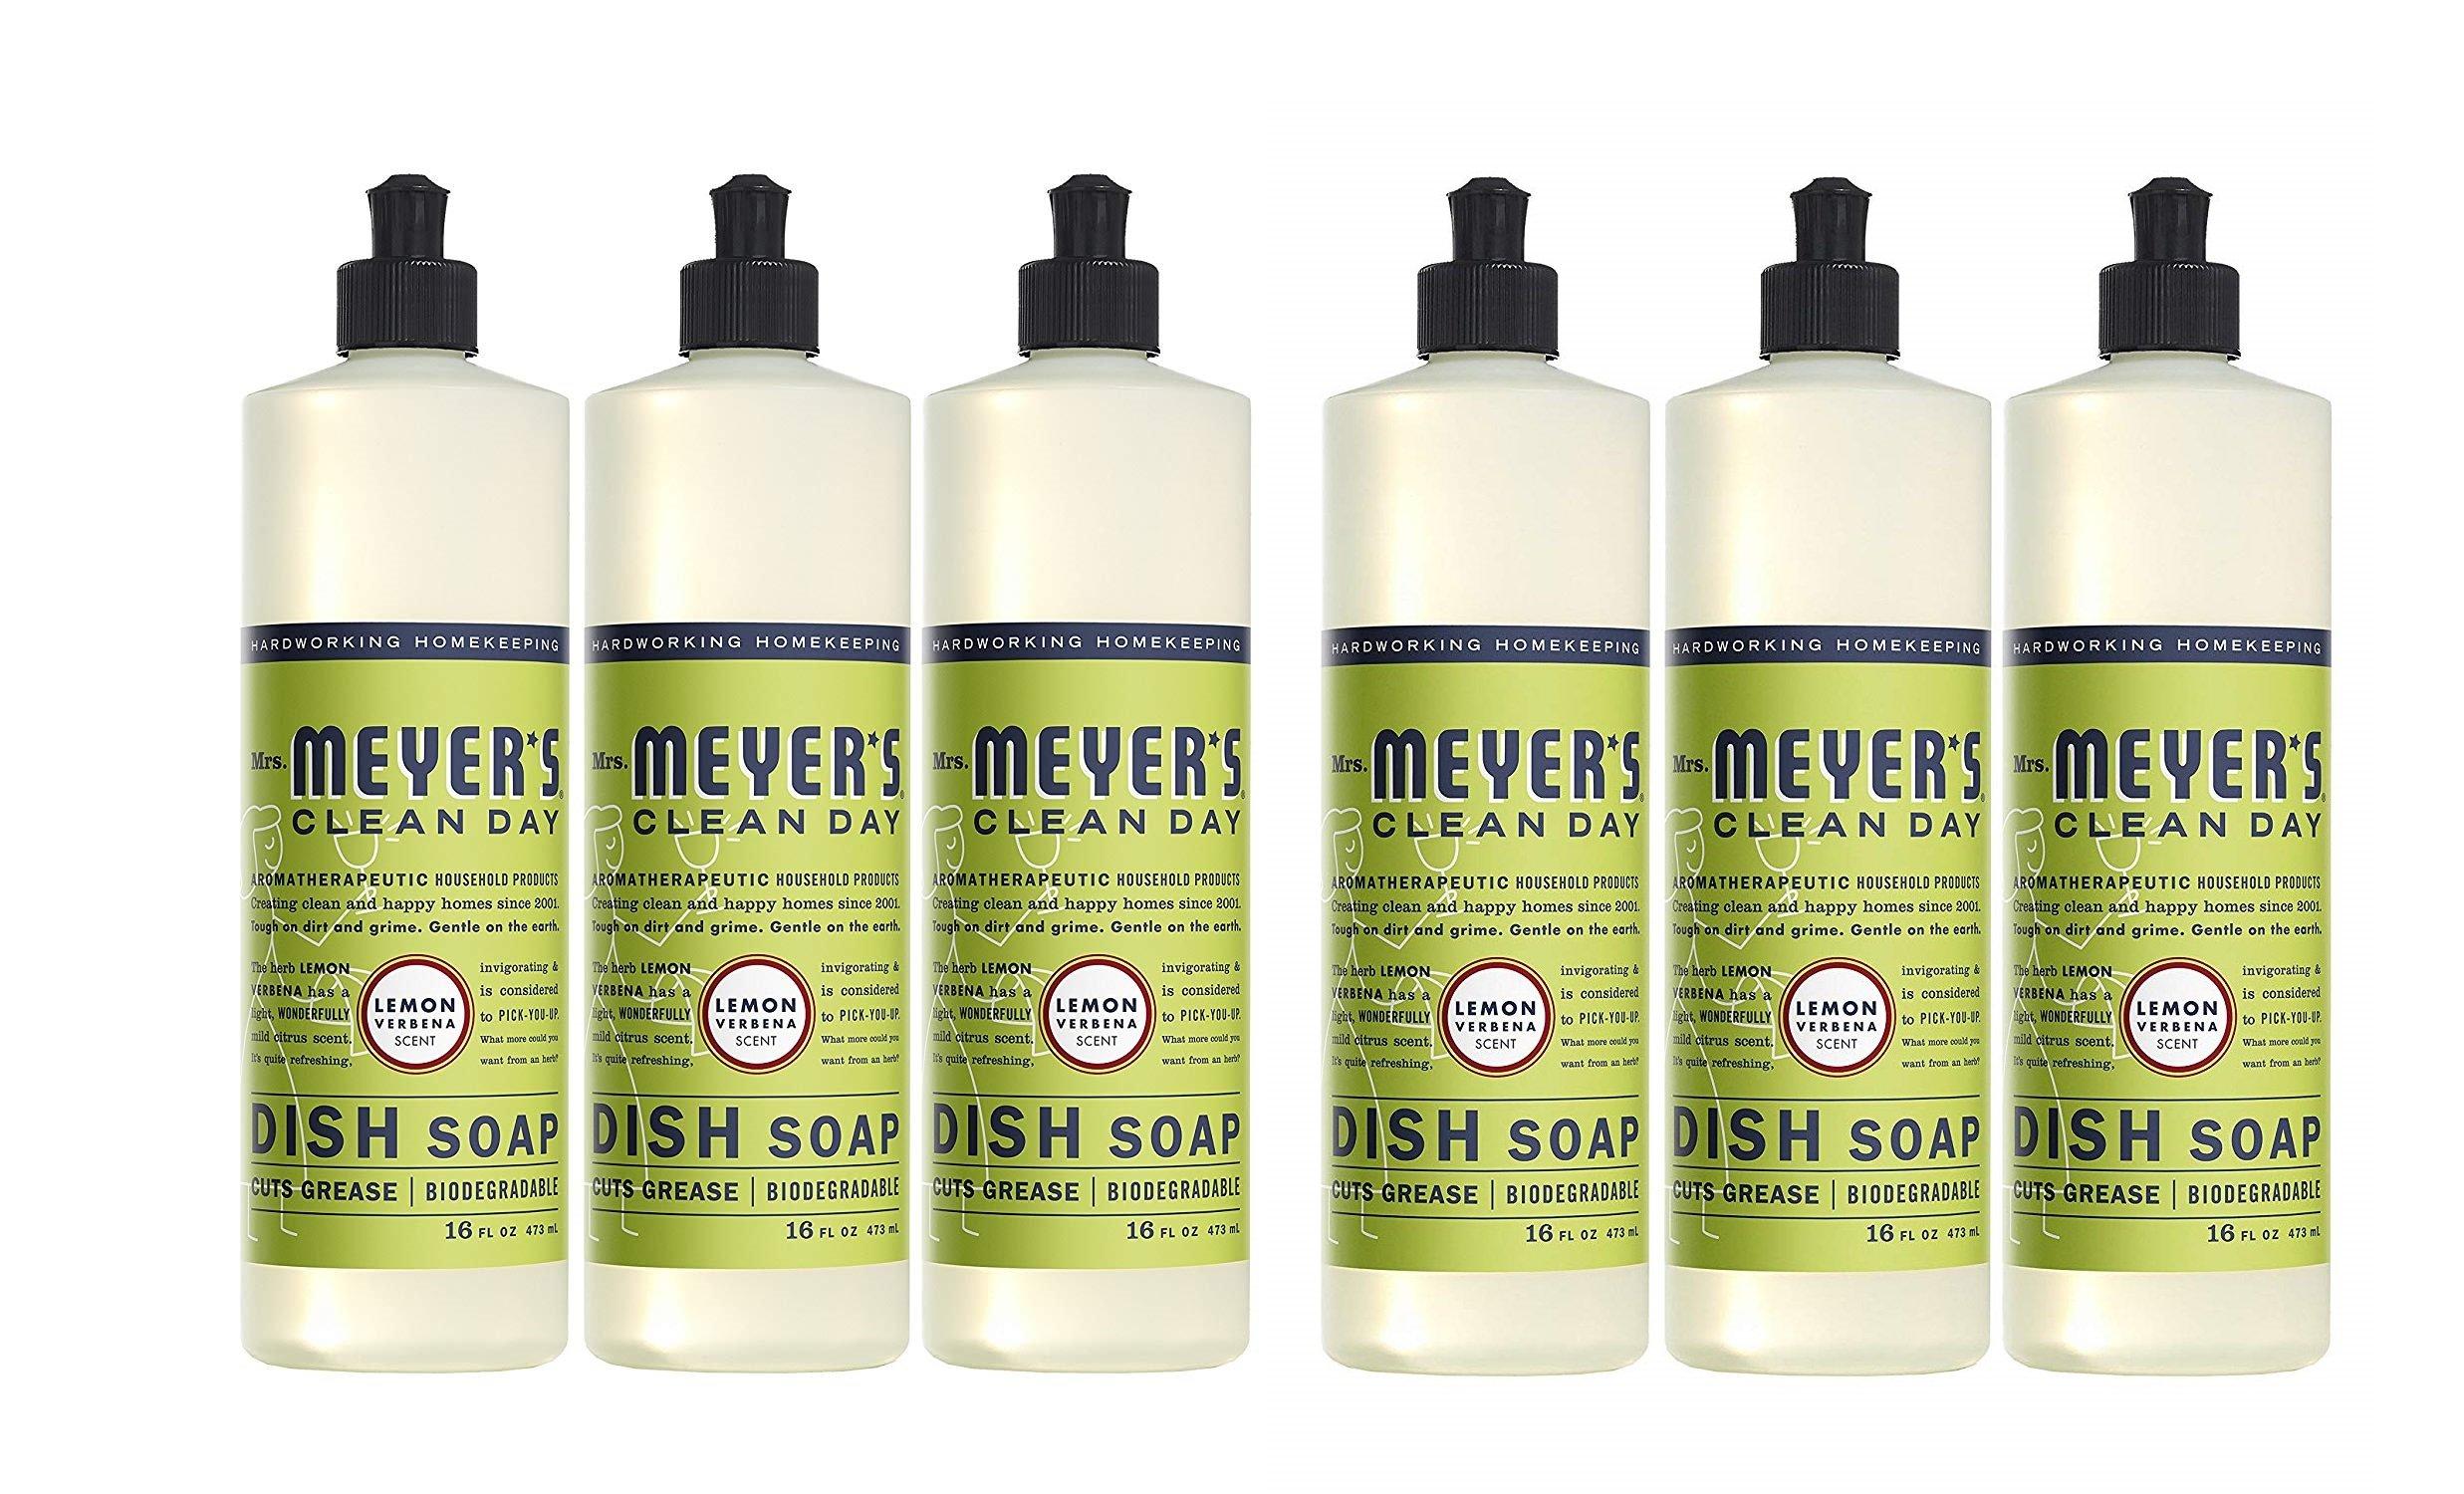 Mrs. Meyer's Clean Day Dish Soap, Lemon Verbena, 16 Fluid Ounces (6 Pack)